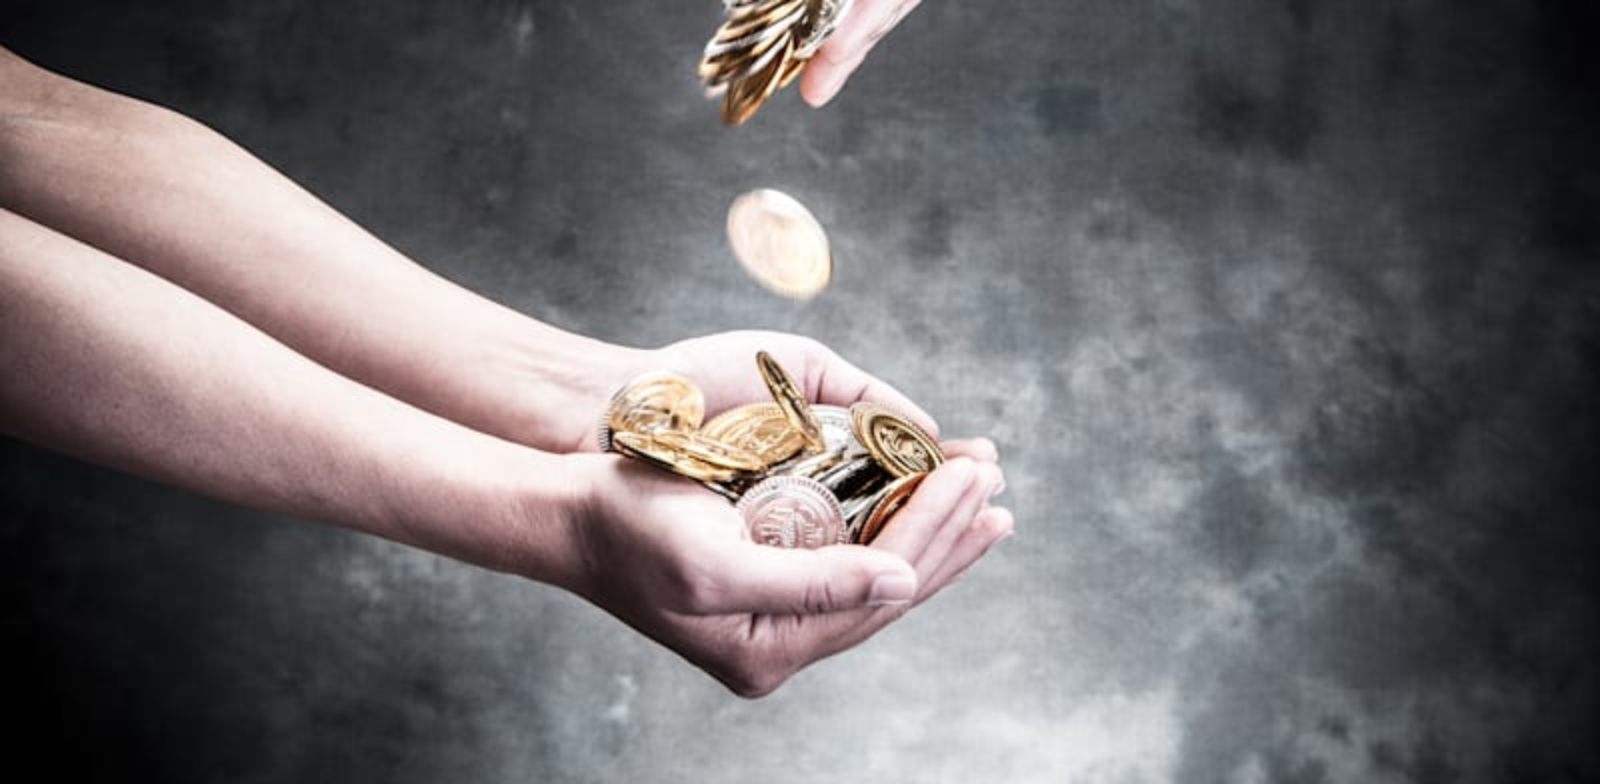 העברה בין-דורית של הון / צילום: Shutterstock